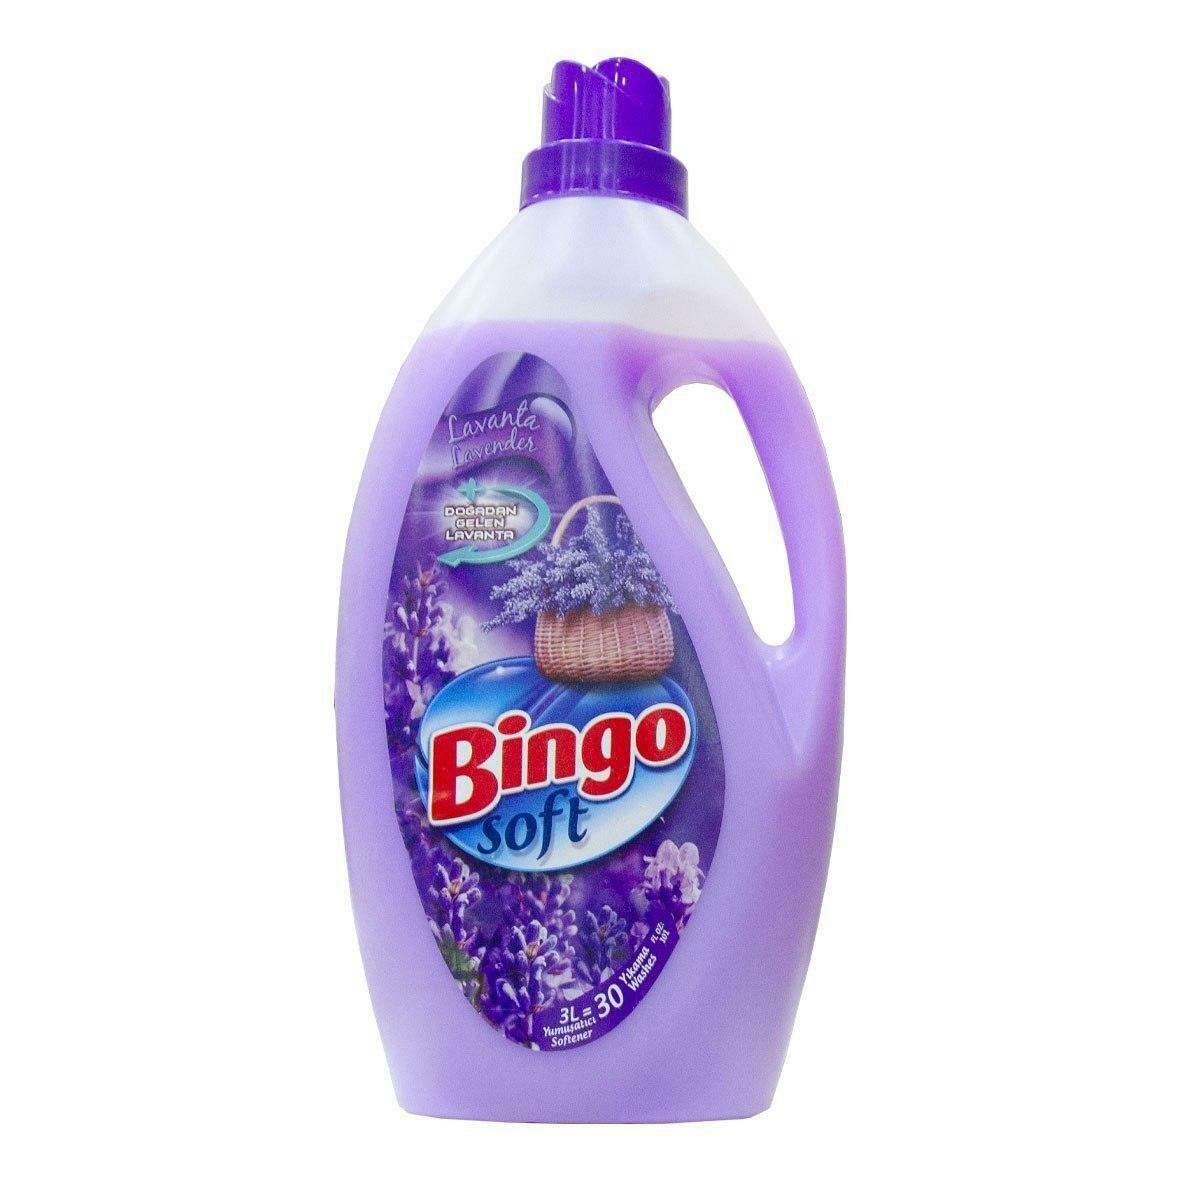 ቢንጎ ፈሳሽ ሳሙና Bingo Liquid Soap 3liter  (Ethiopia Only)